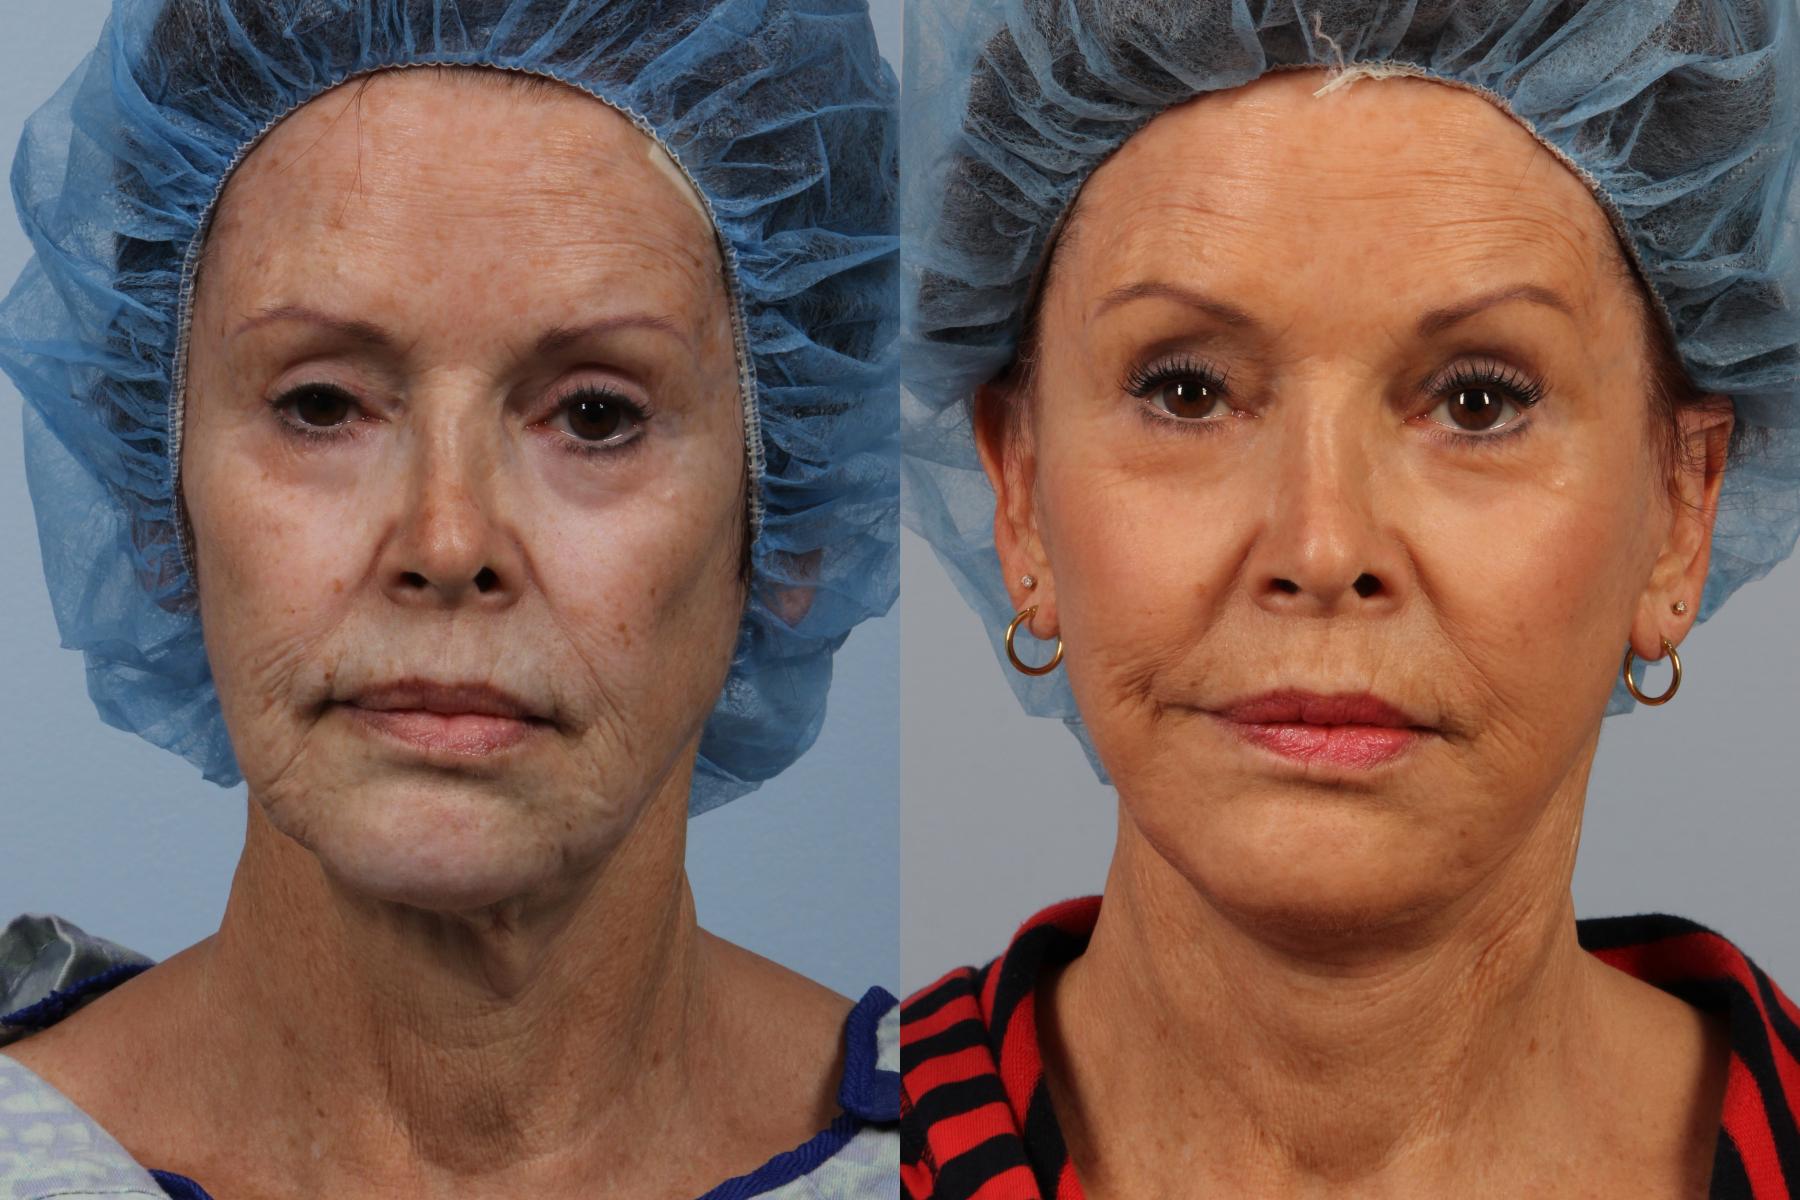 Процесс реабилитации после подтяжки лица, осложнения